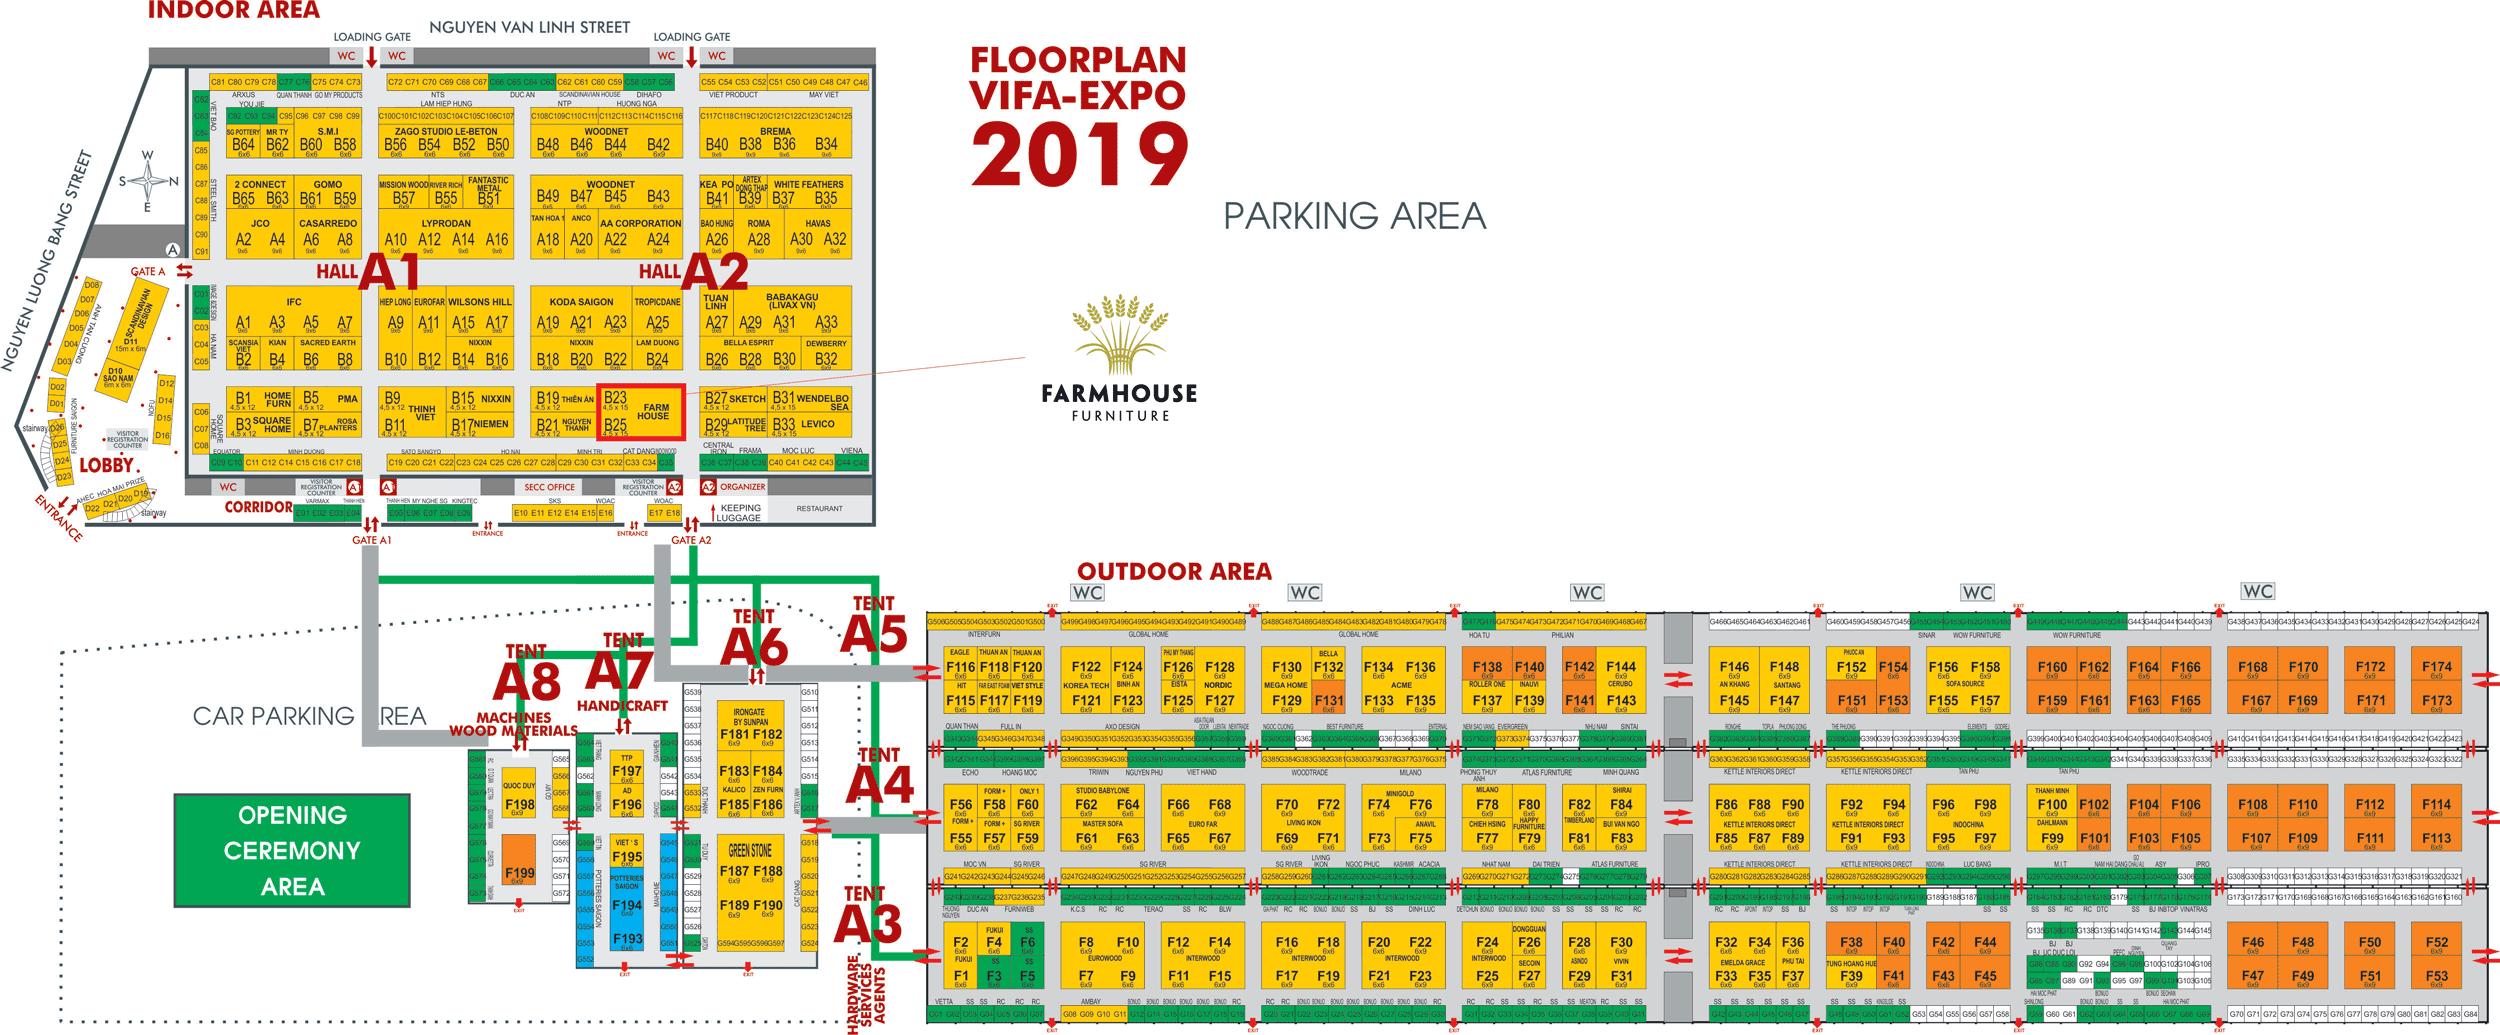 Floorplan-VIFA-EXPO-2019